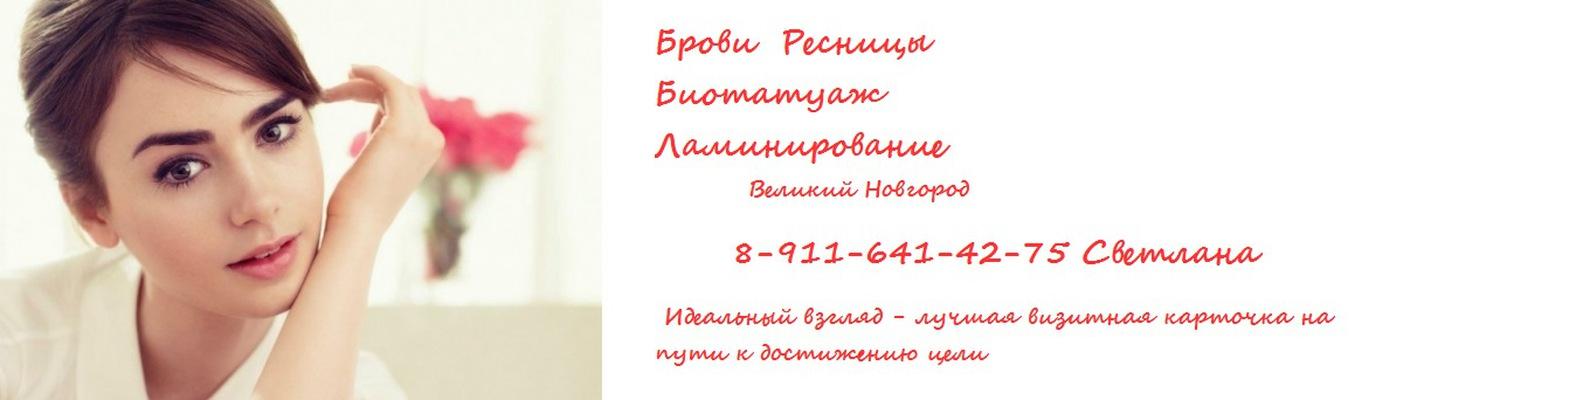 Биотатуаж бровей великий новгород